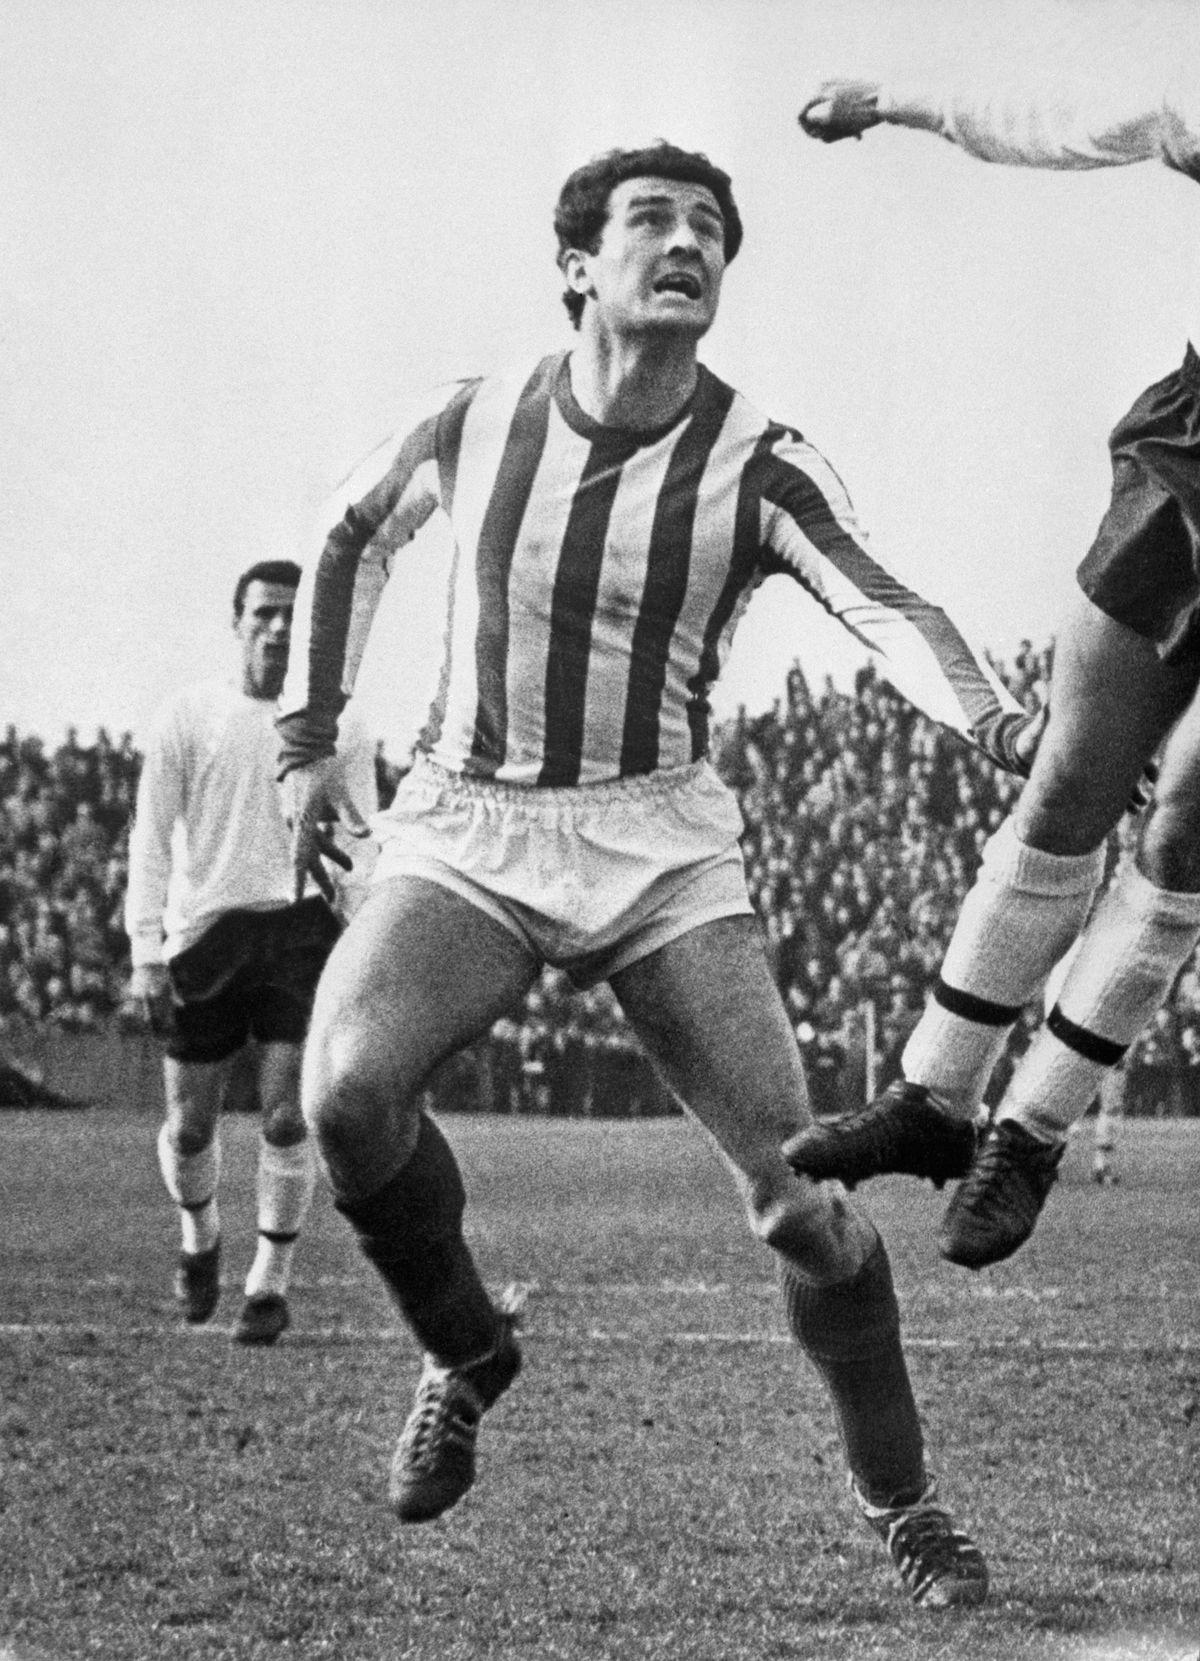 Soccer - League Division One - Fulham v Sunderland - Craven Cottage - London - 1966